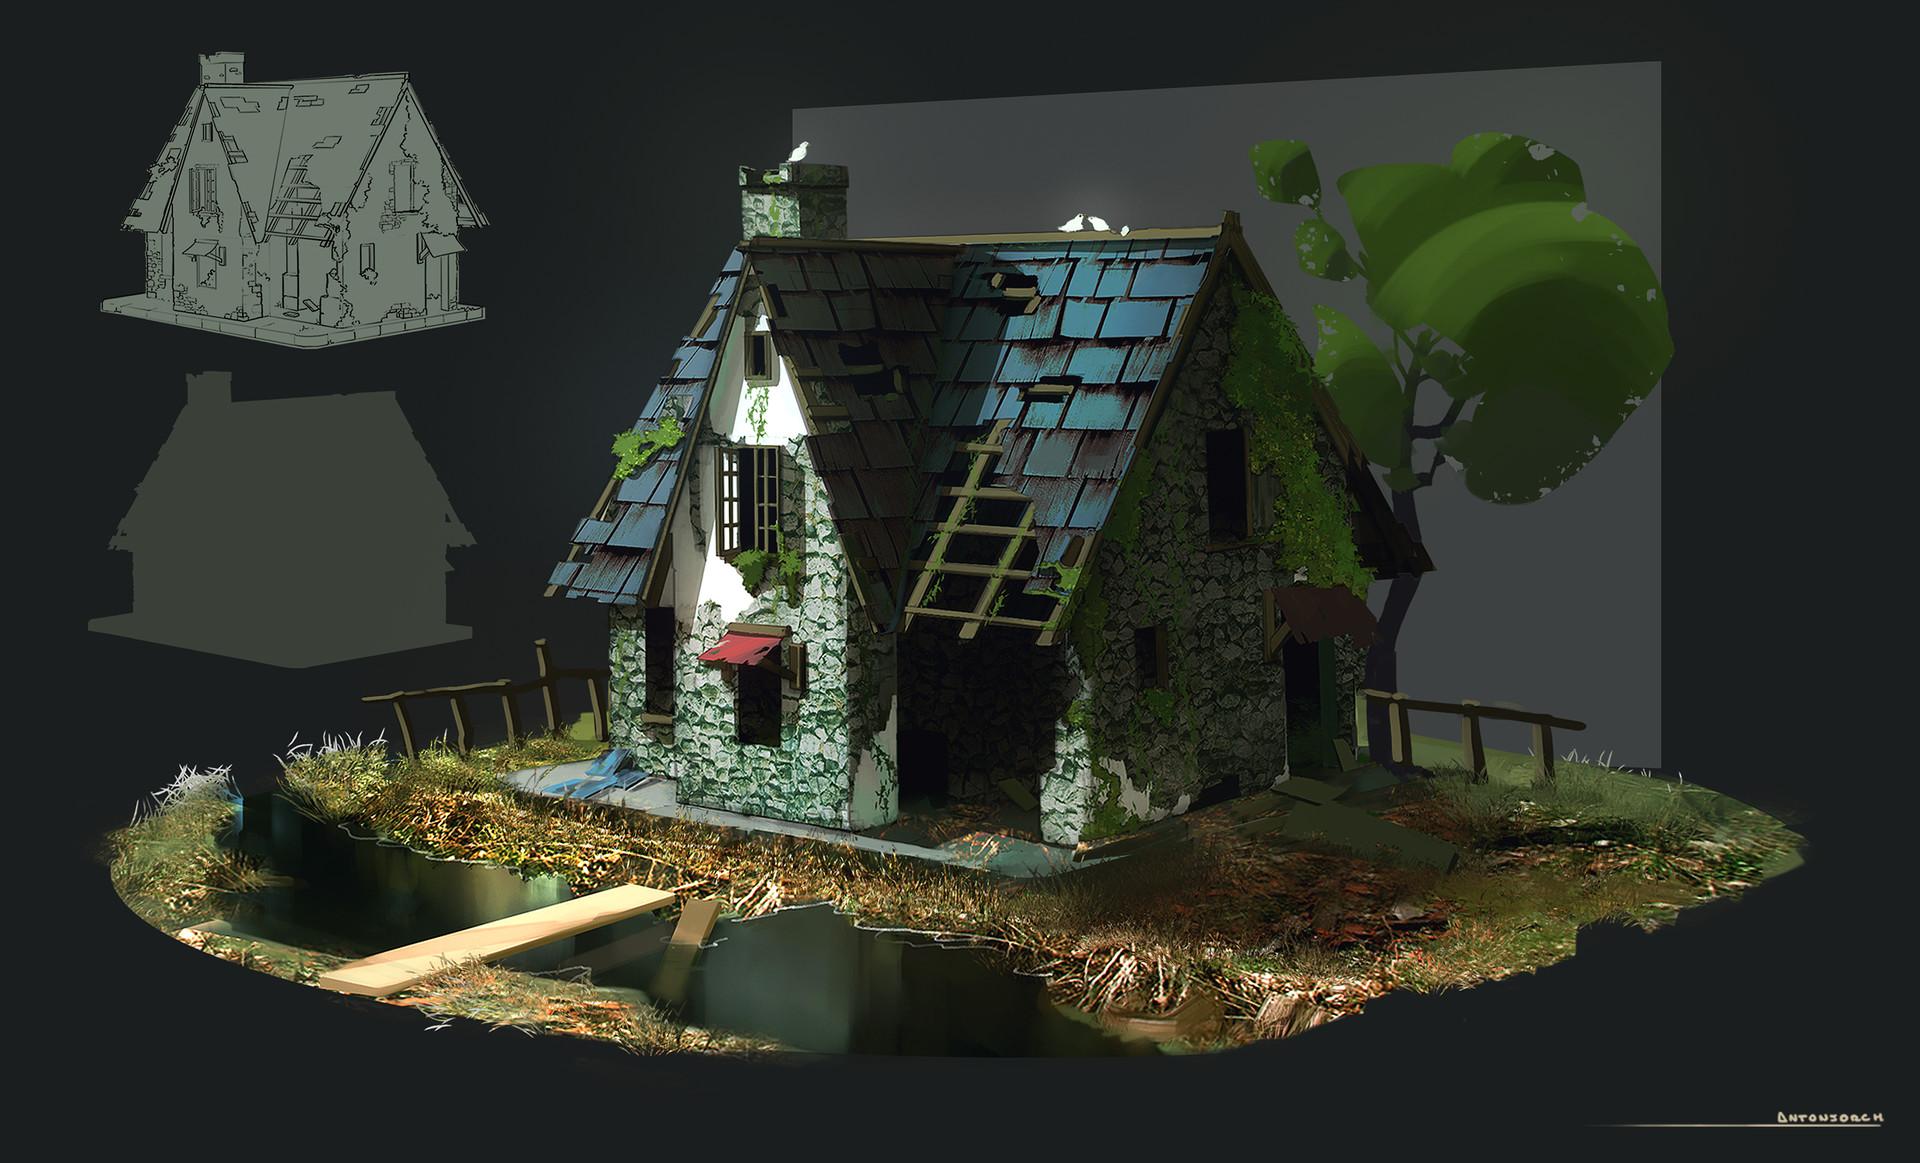 Jorge gonzalez house concept art1